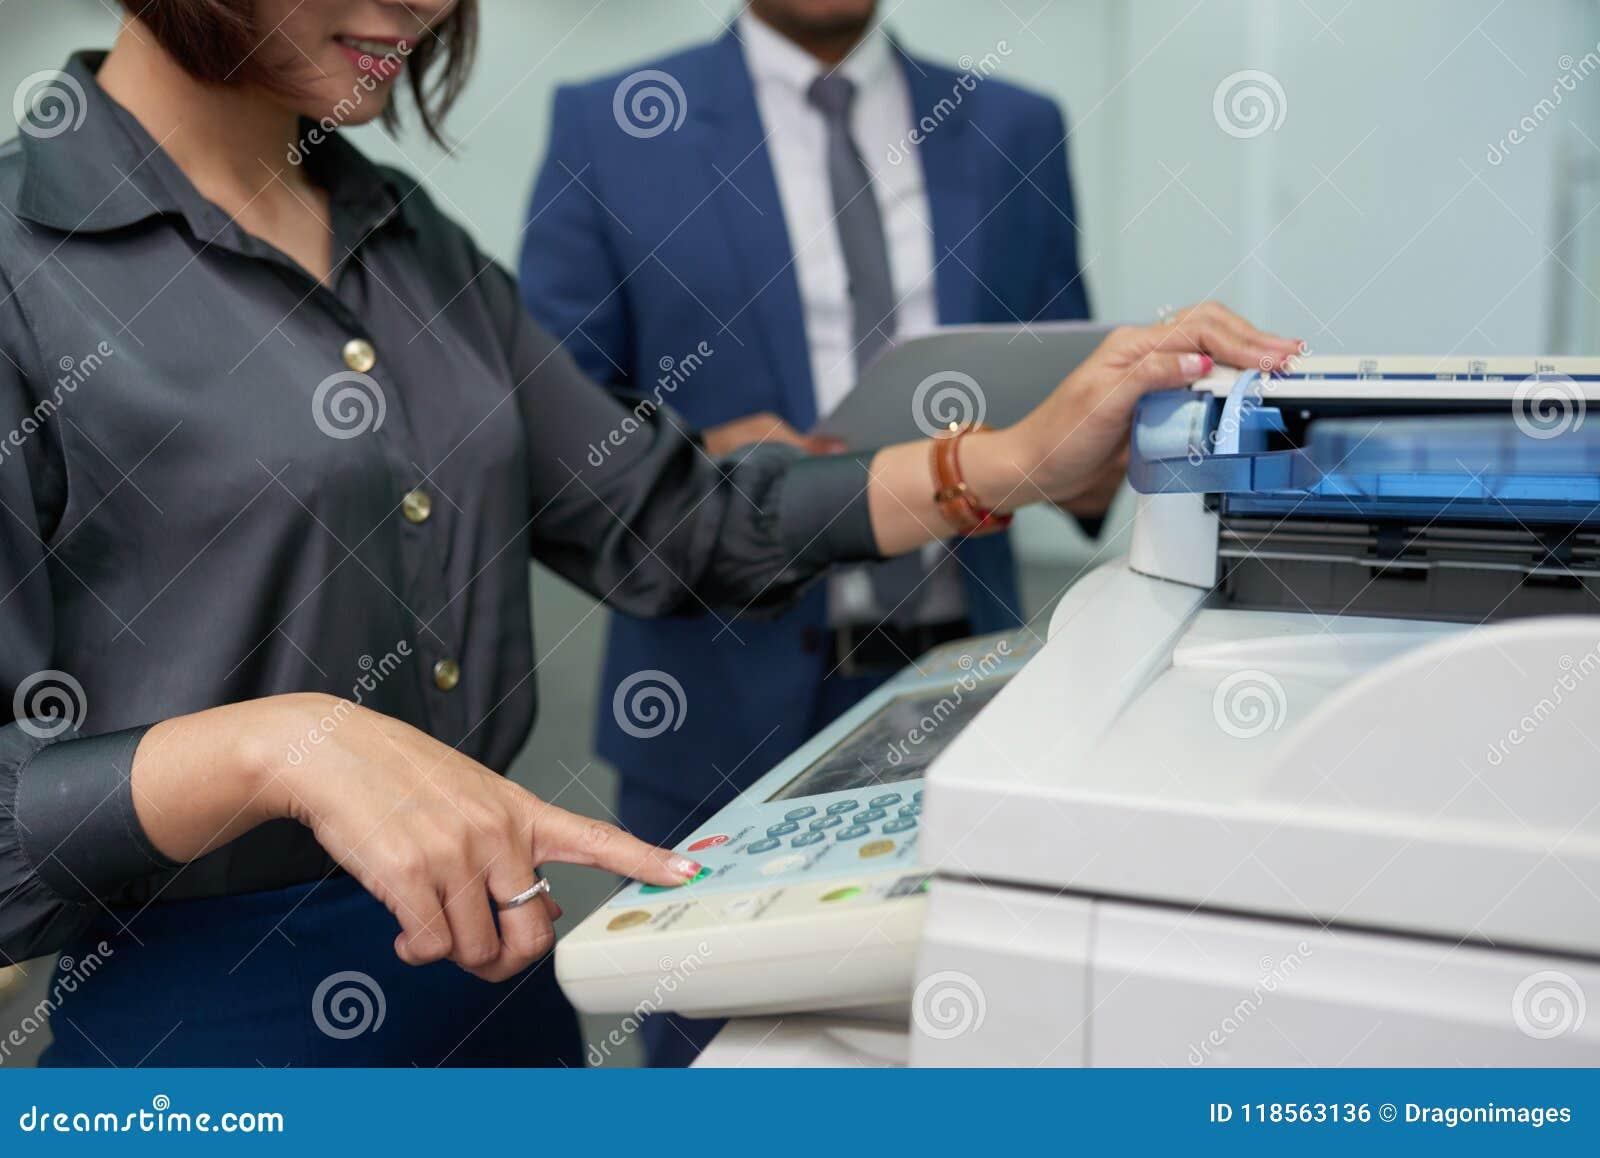 使用MF打印机的办公室助理